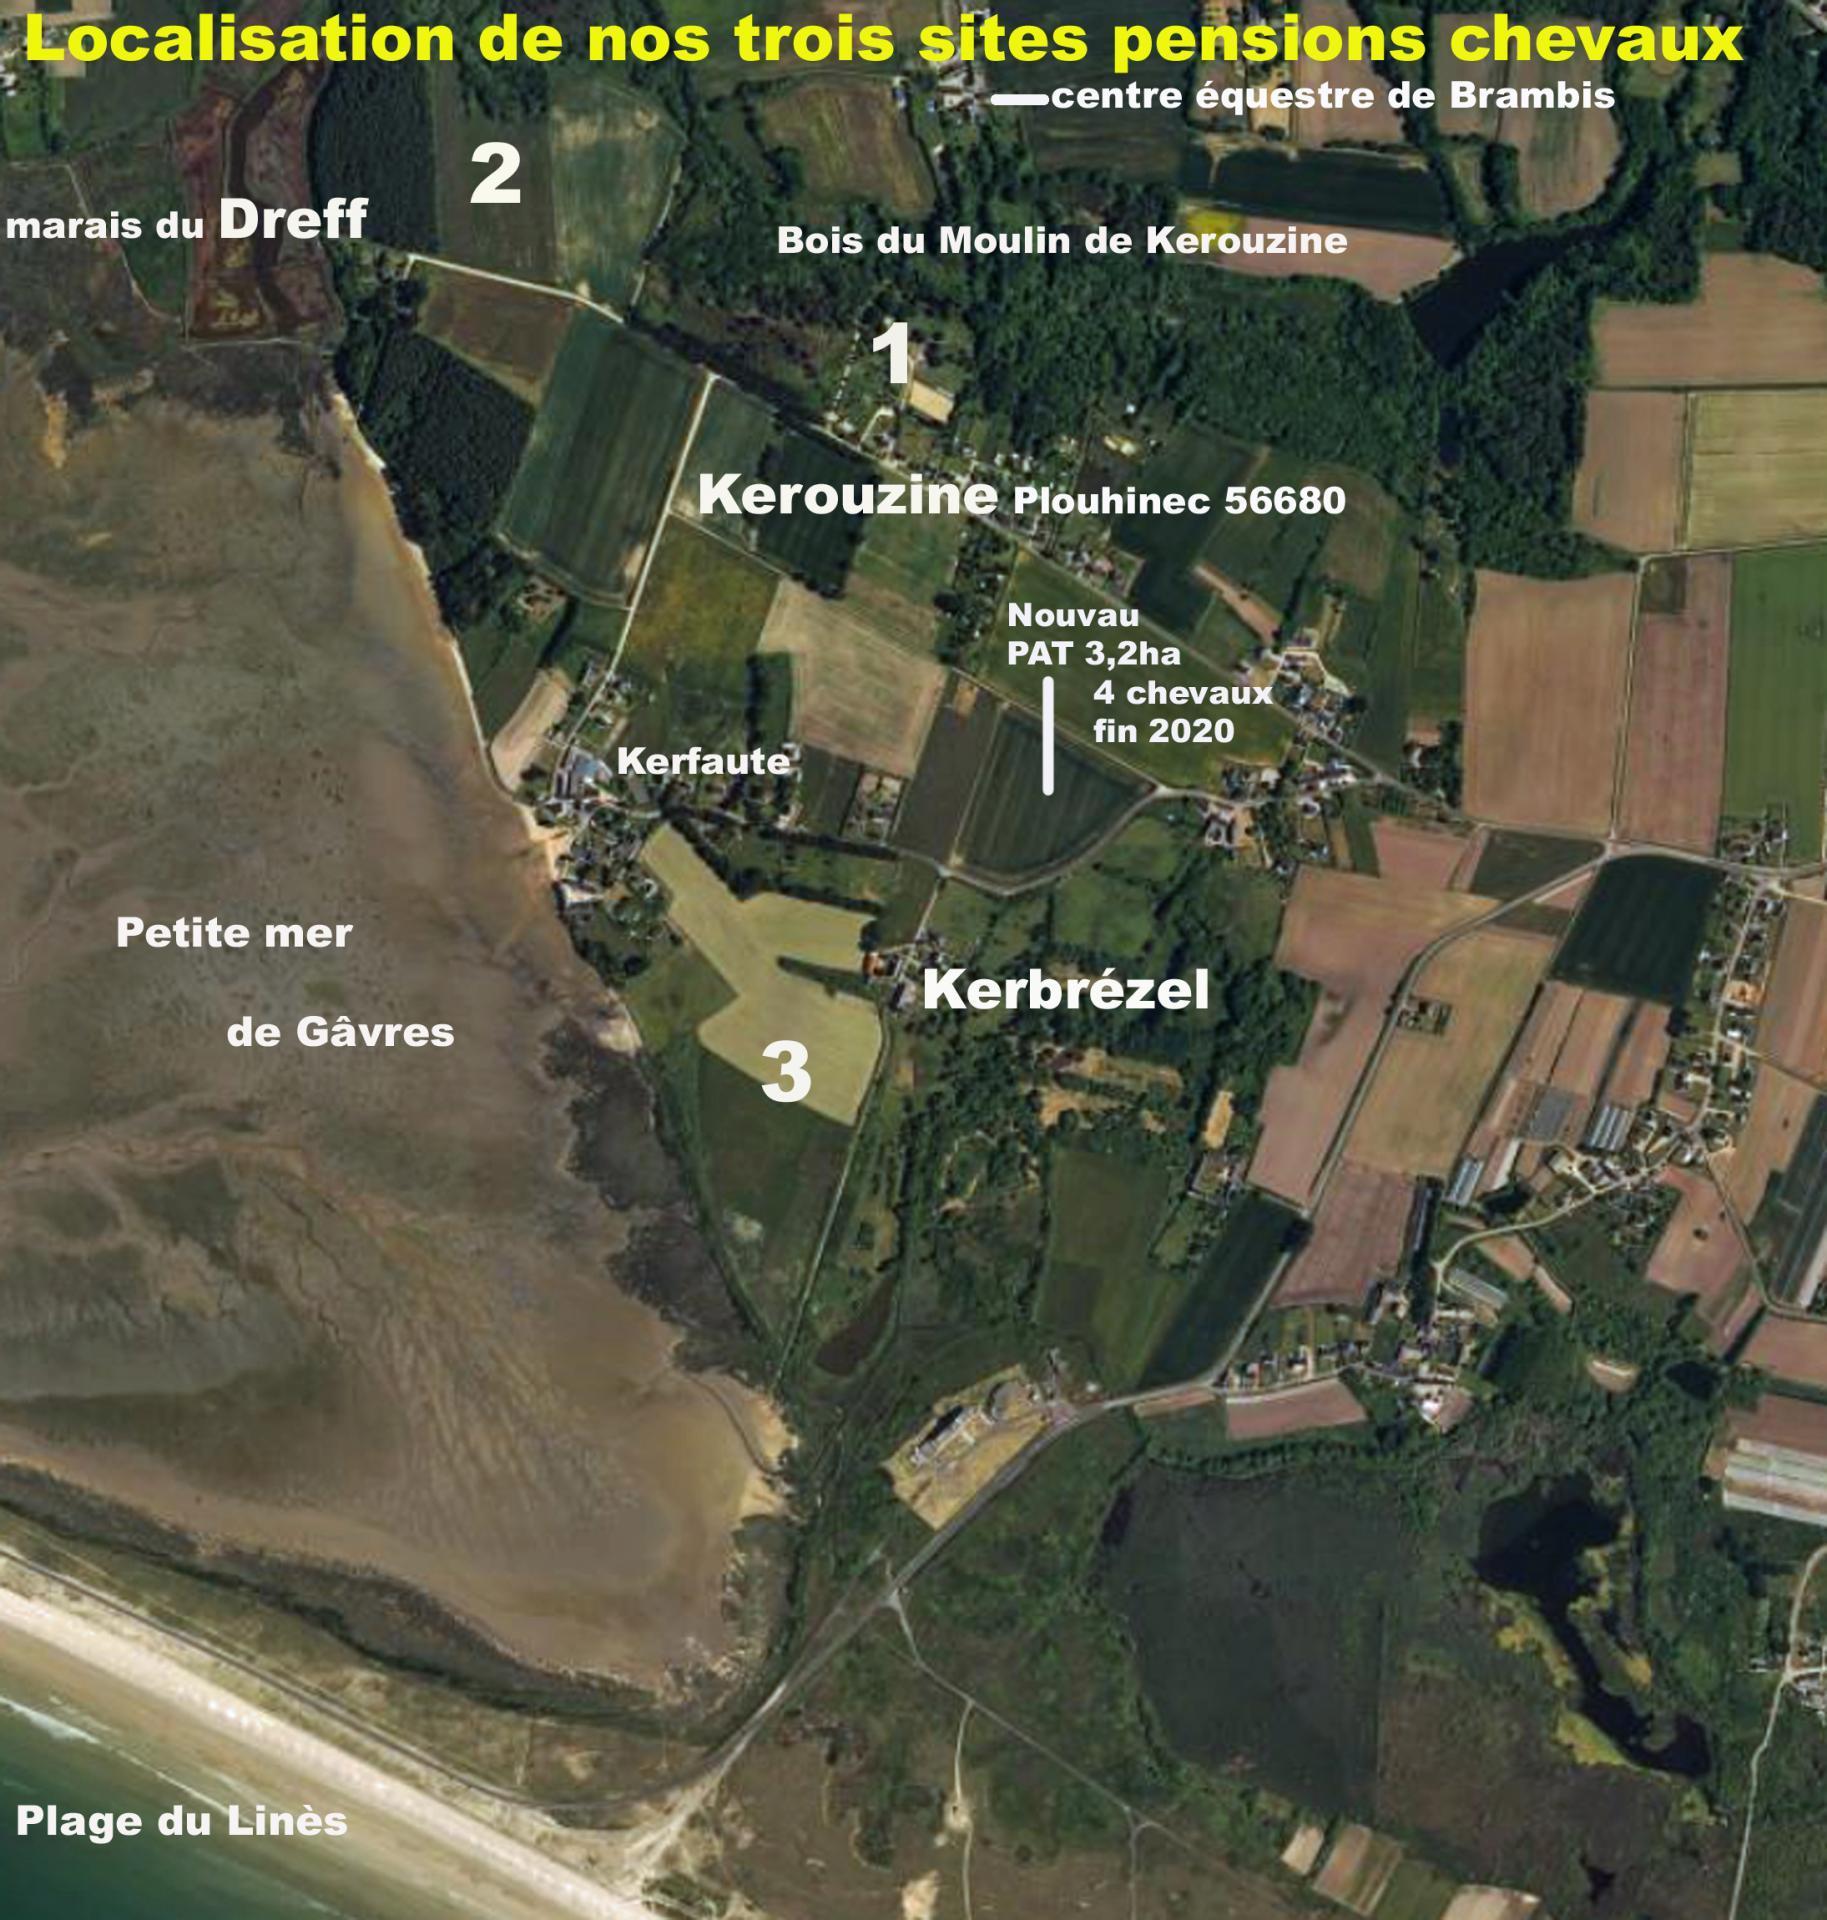 Localisation nos 3 sites de pensions chevaux